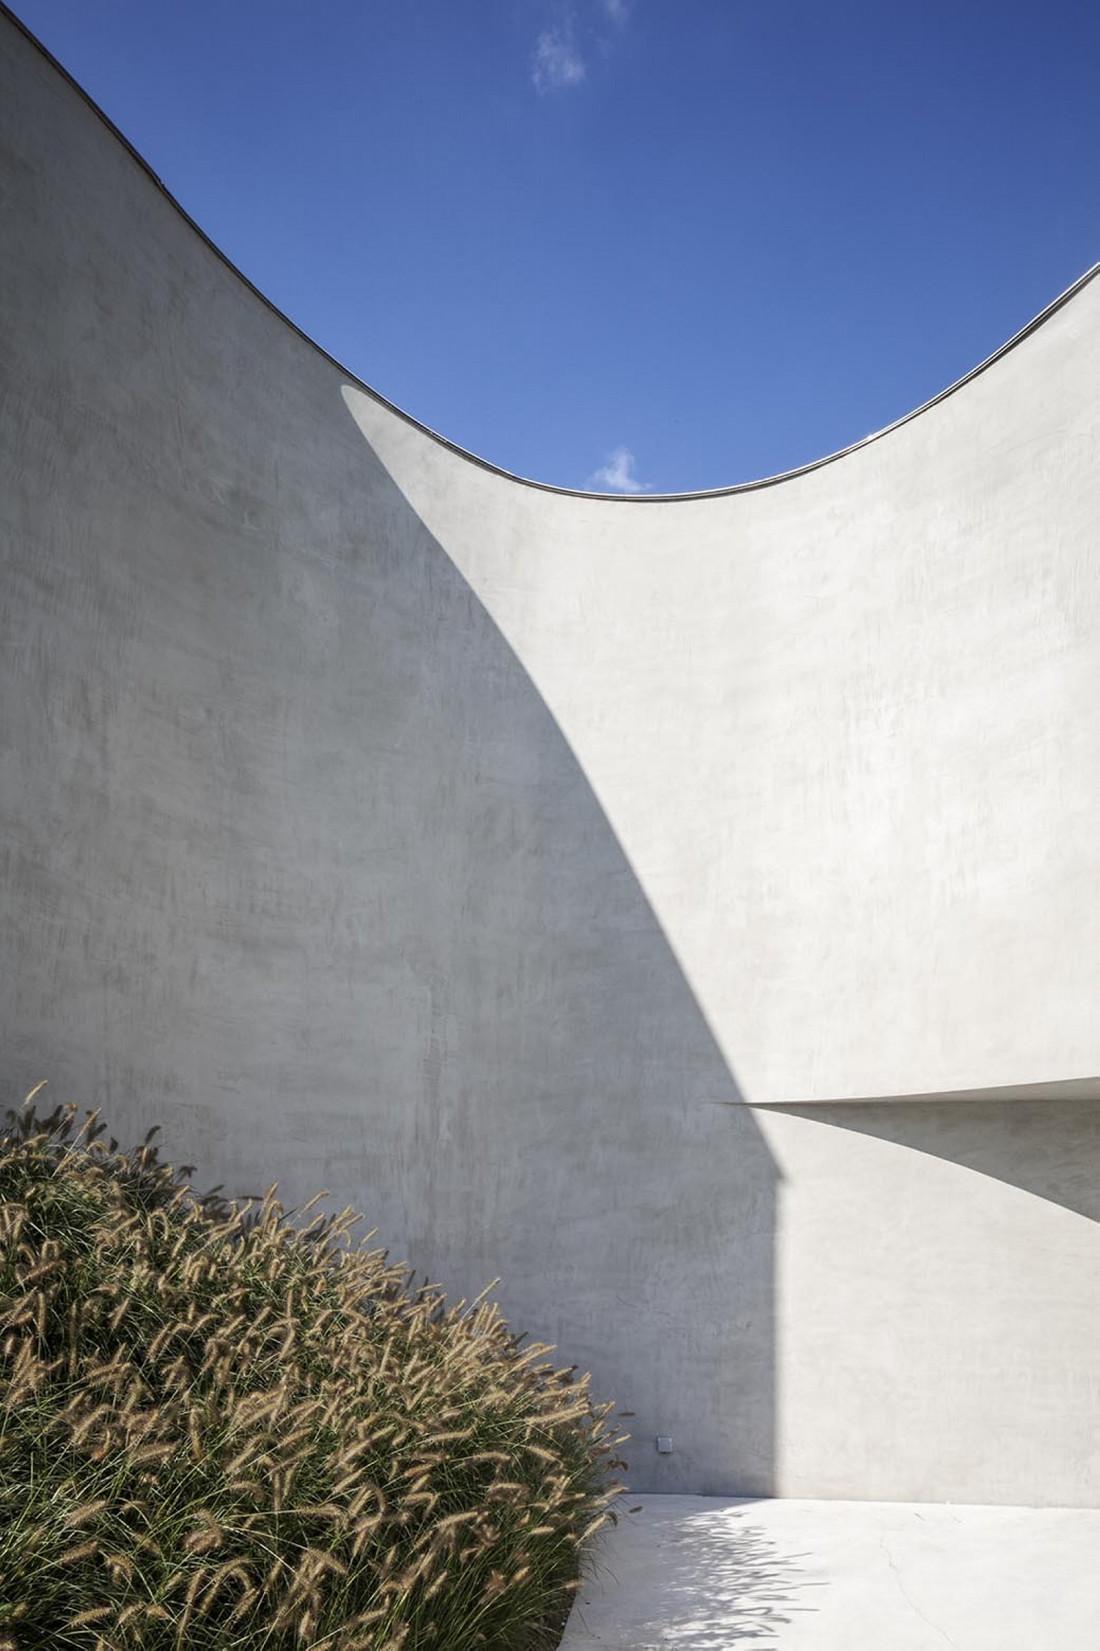 Футуристический дизайн виллы MQ в Бельгии от архитектурной студии Office O 6